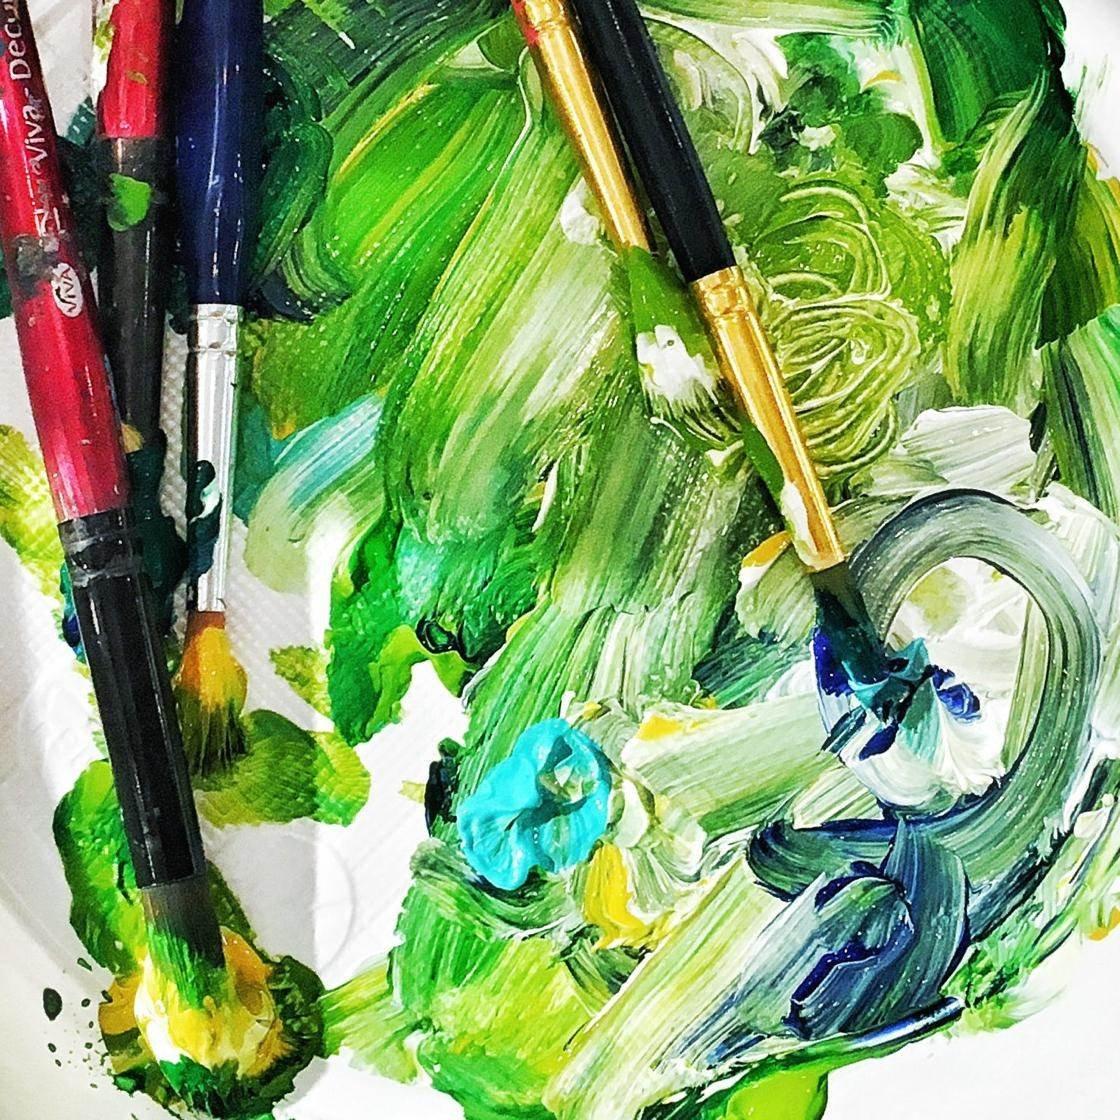 green_iphone_photos-03 no script